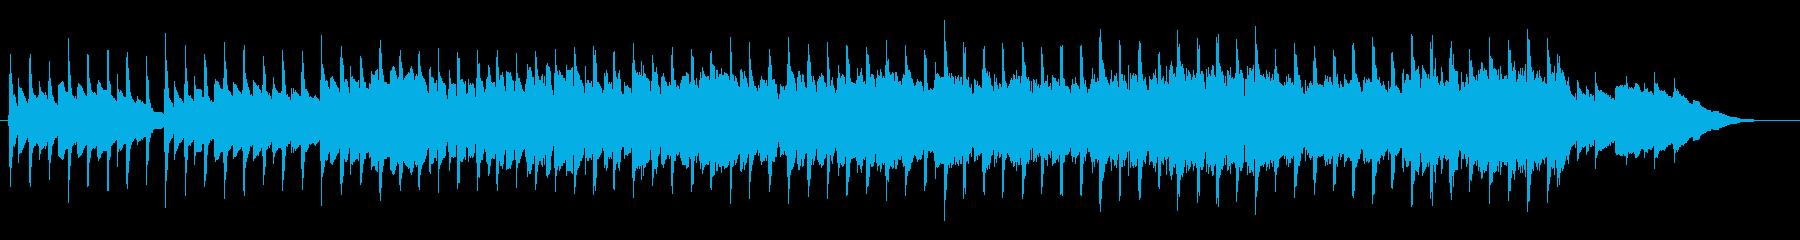 【エレキインスト】壮大な雰囲気の再生済みの波形